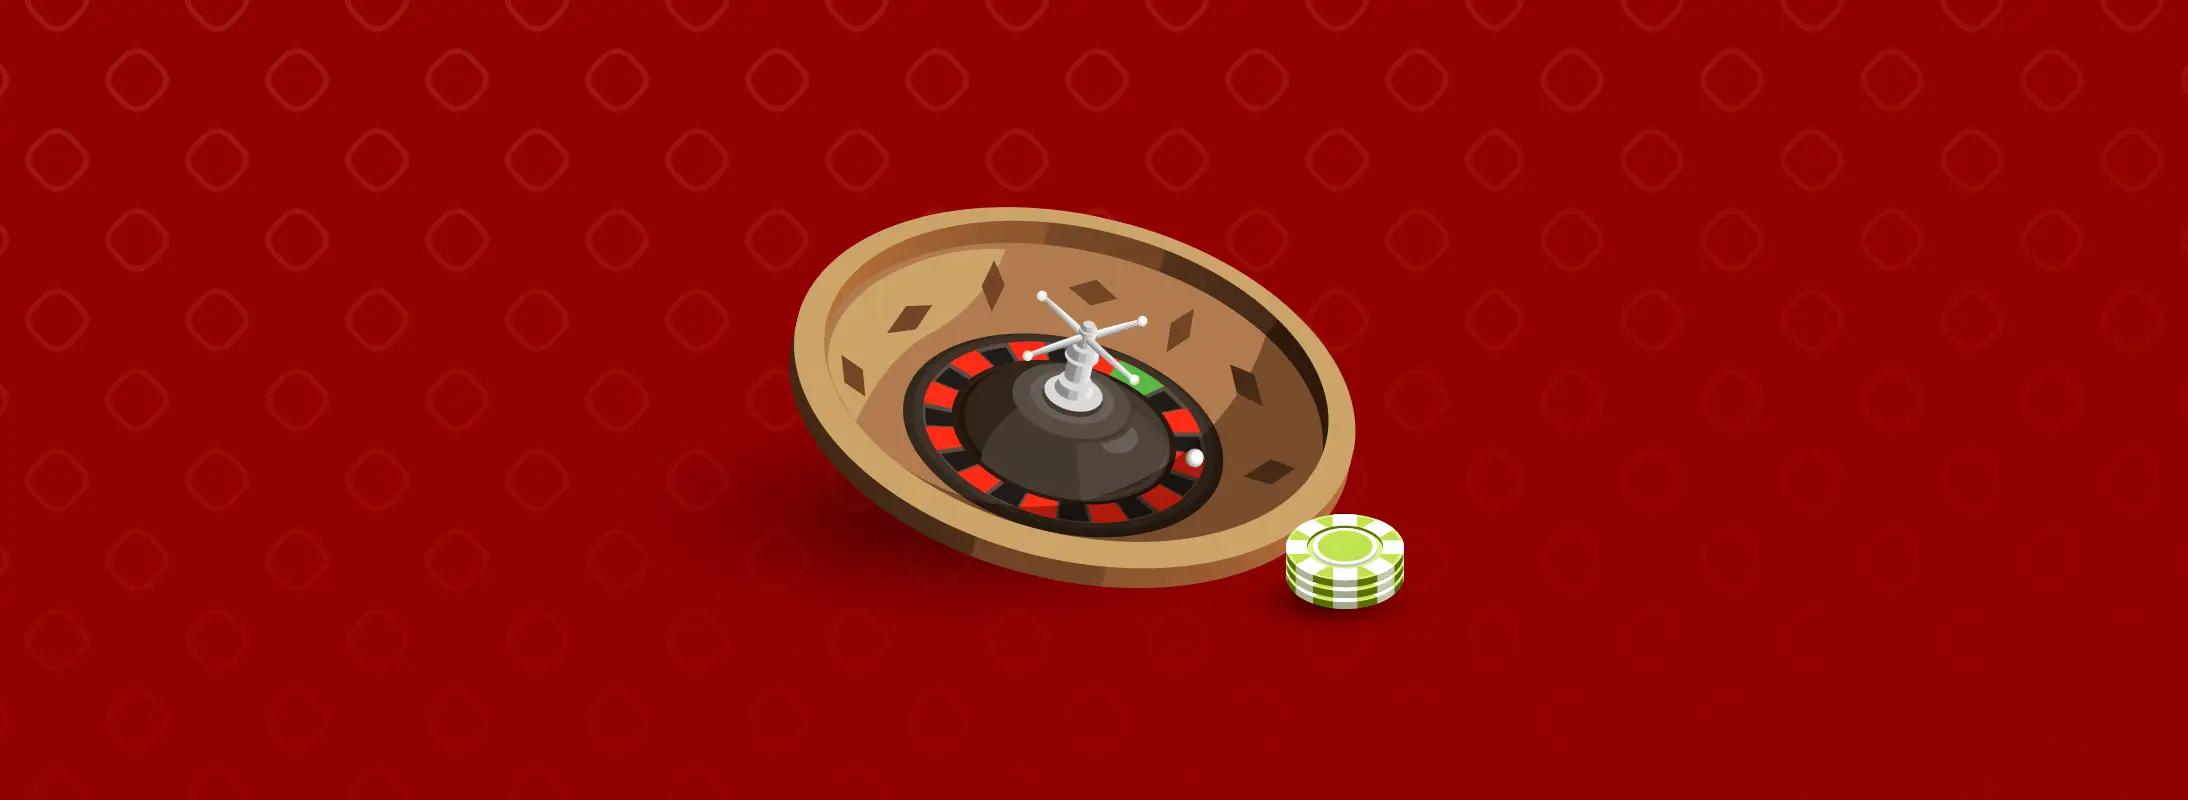 Spill tryggere med disse radene fra Responsible Gambling Week Banner - CasinoTopp